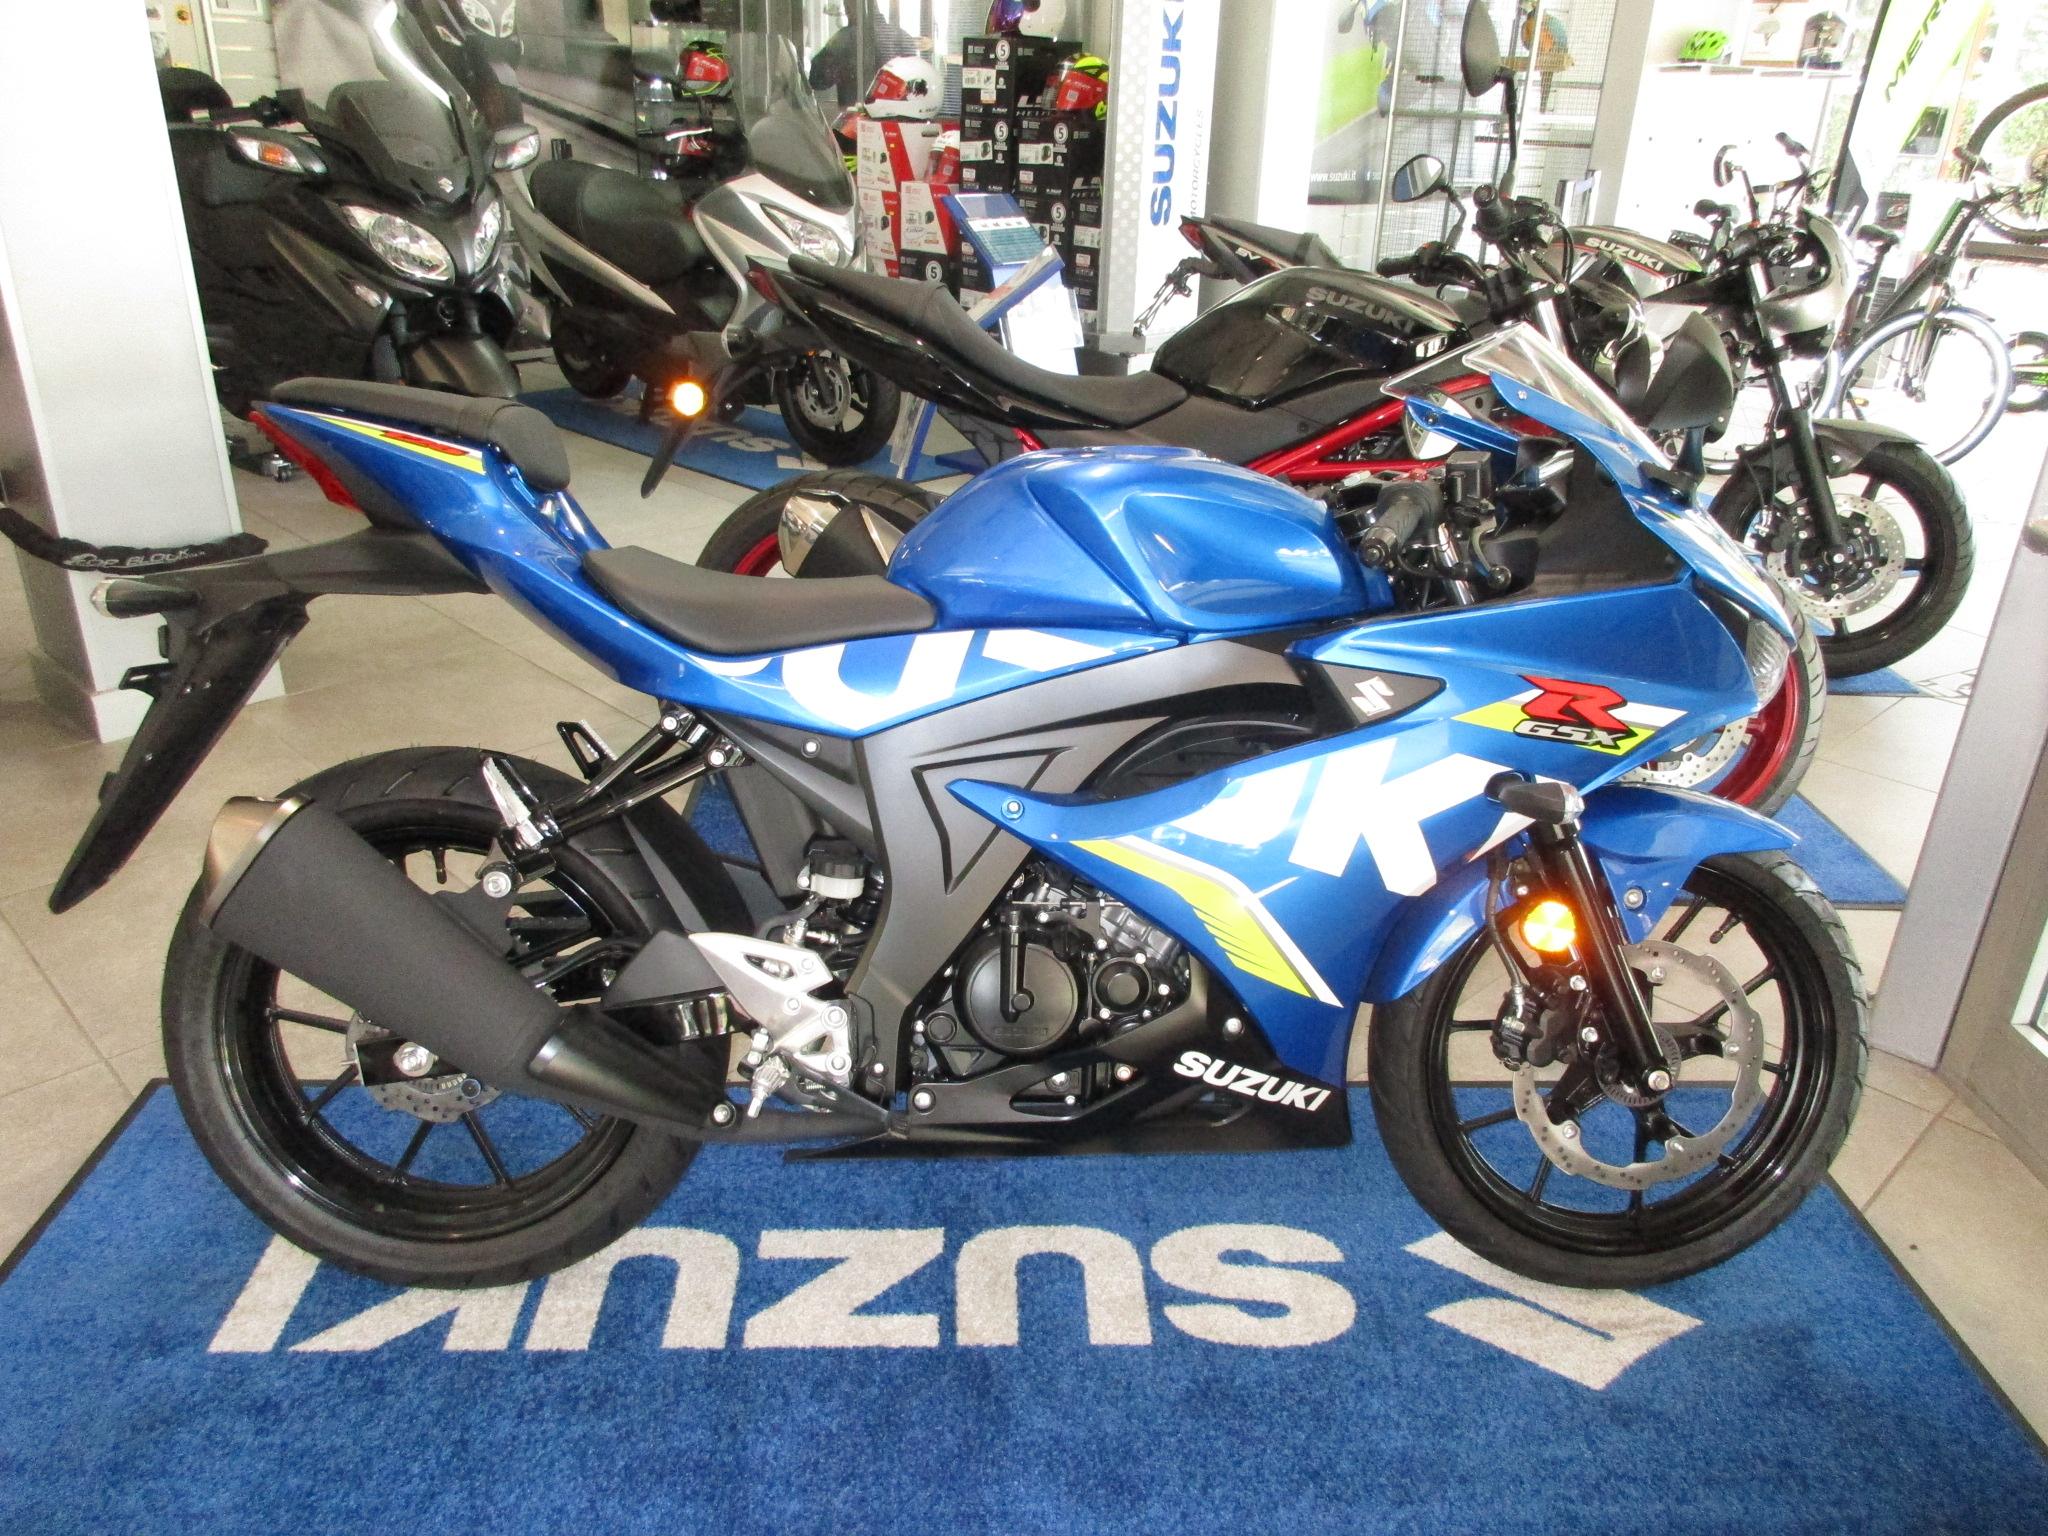 SUZUKI GSX-R 125 ABS Image